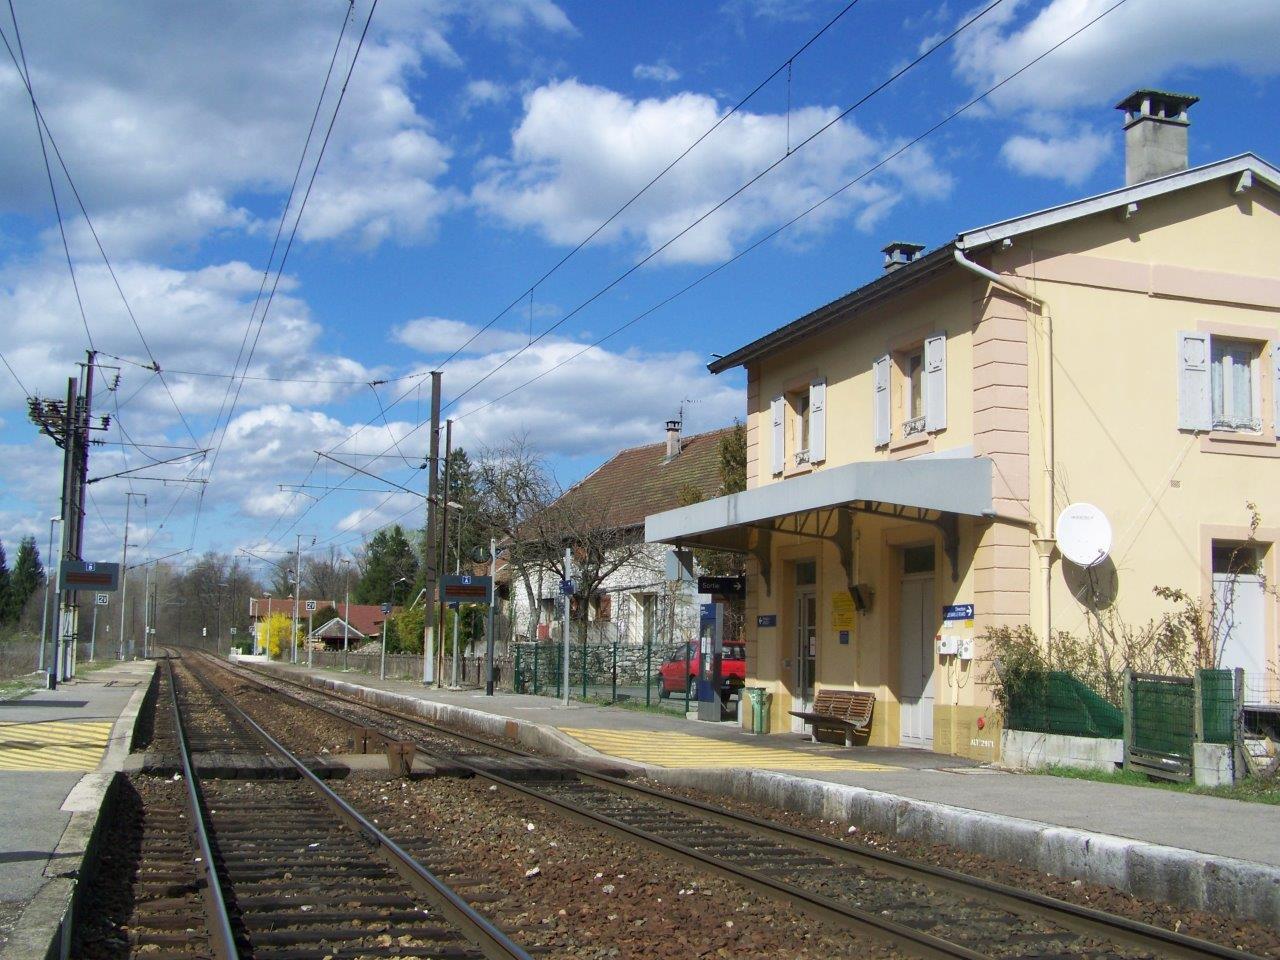 gare-de-gresy-sur-aix-train-station